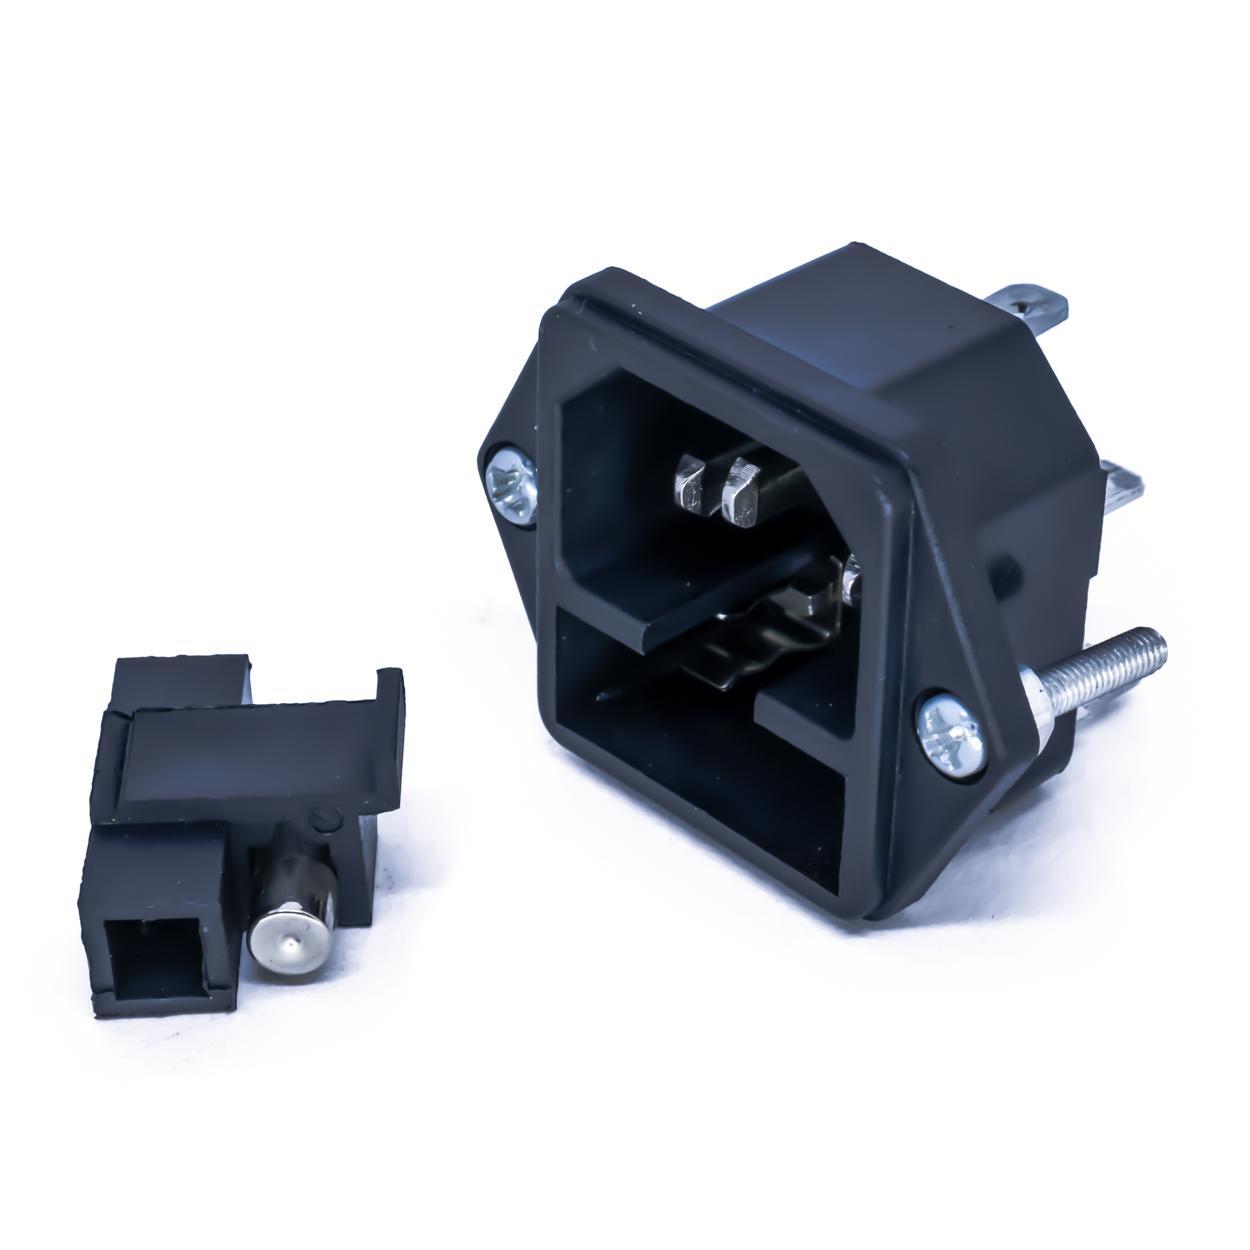 Conector para Prensa Térmica Plana (Modelo 2)